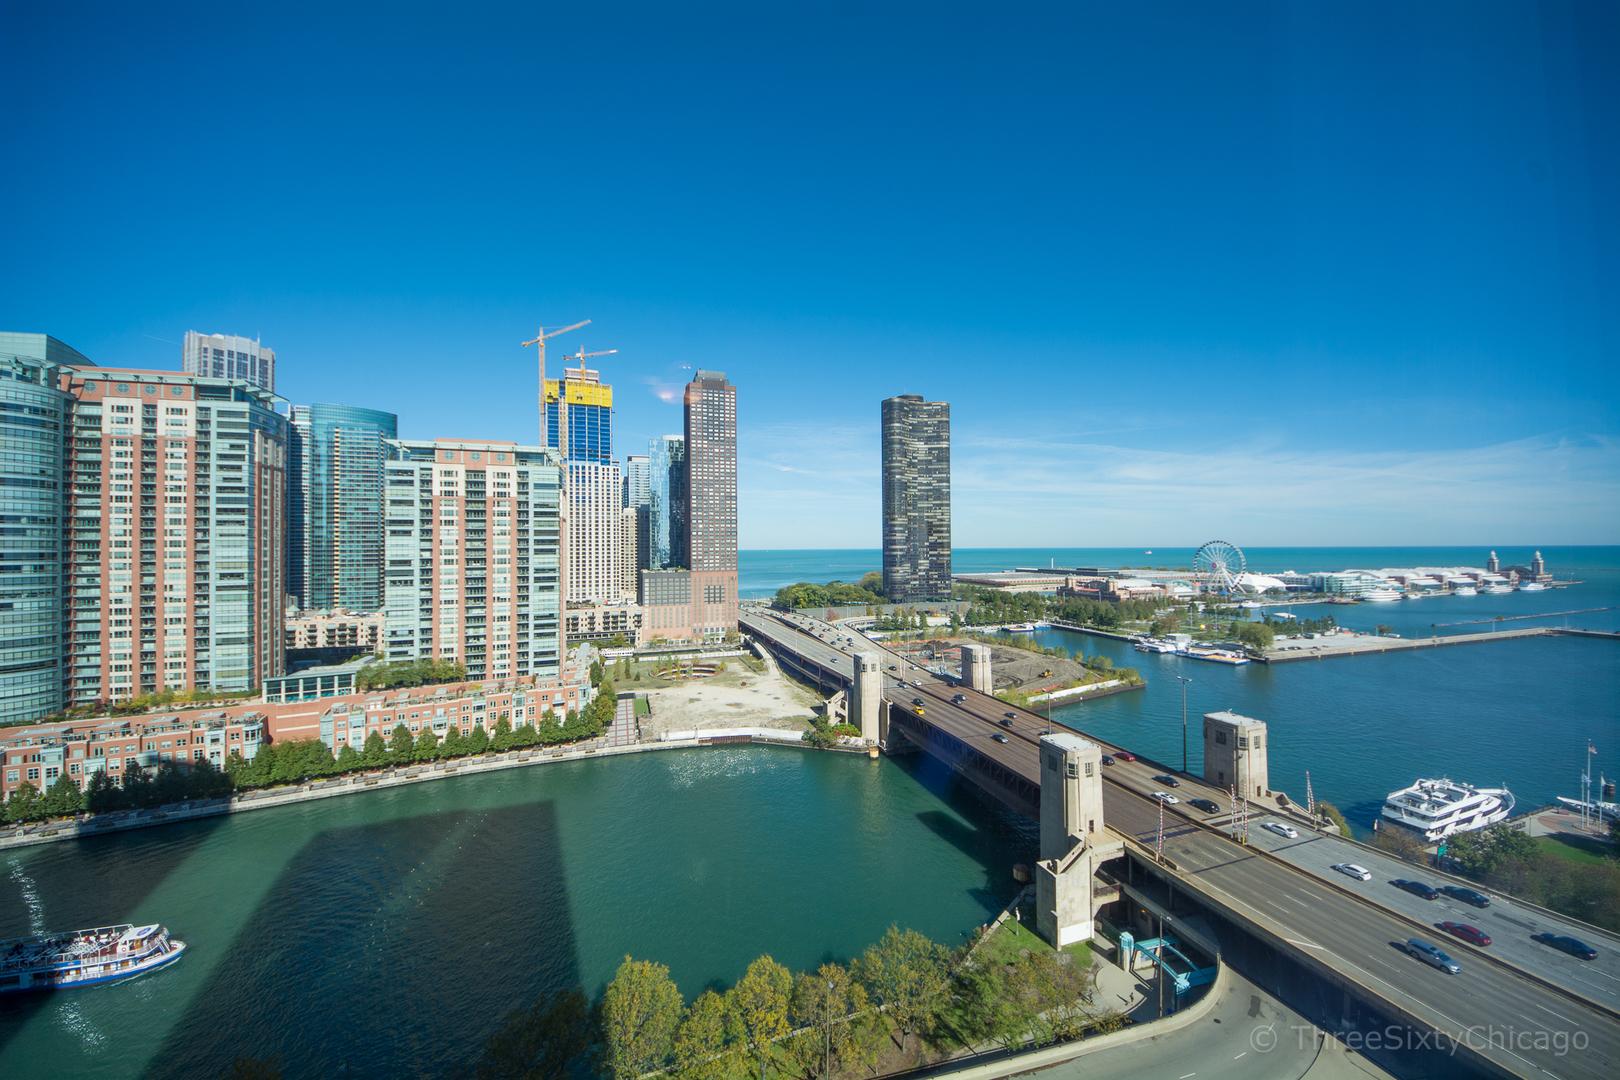 450 E Waterside Dr Chicago, IL